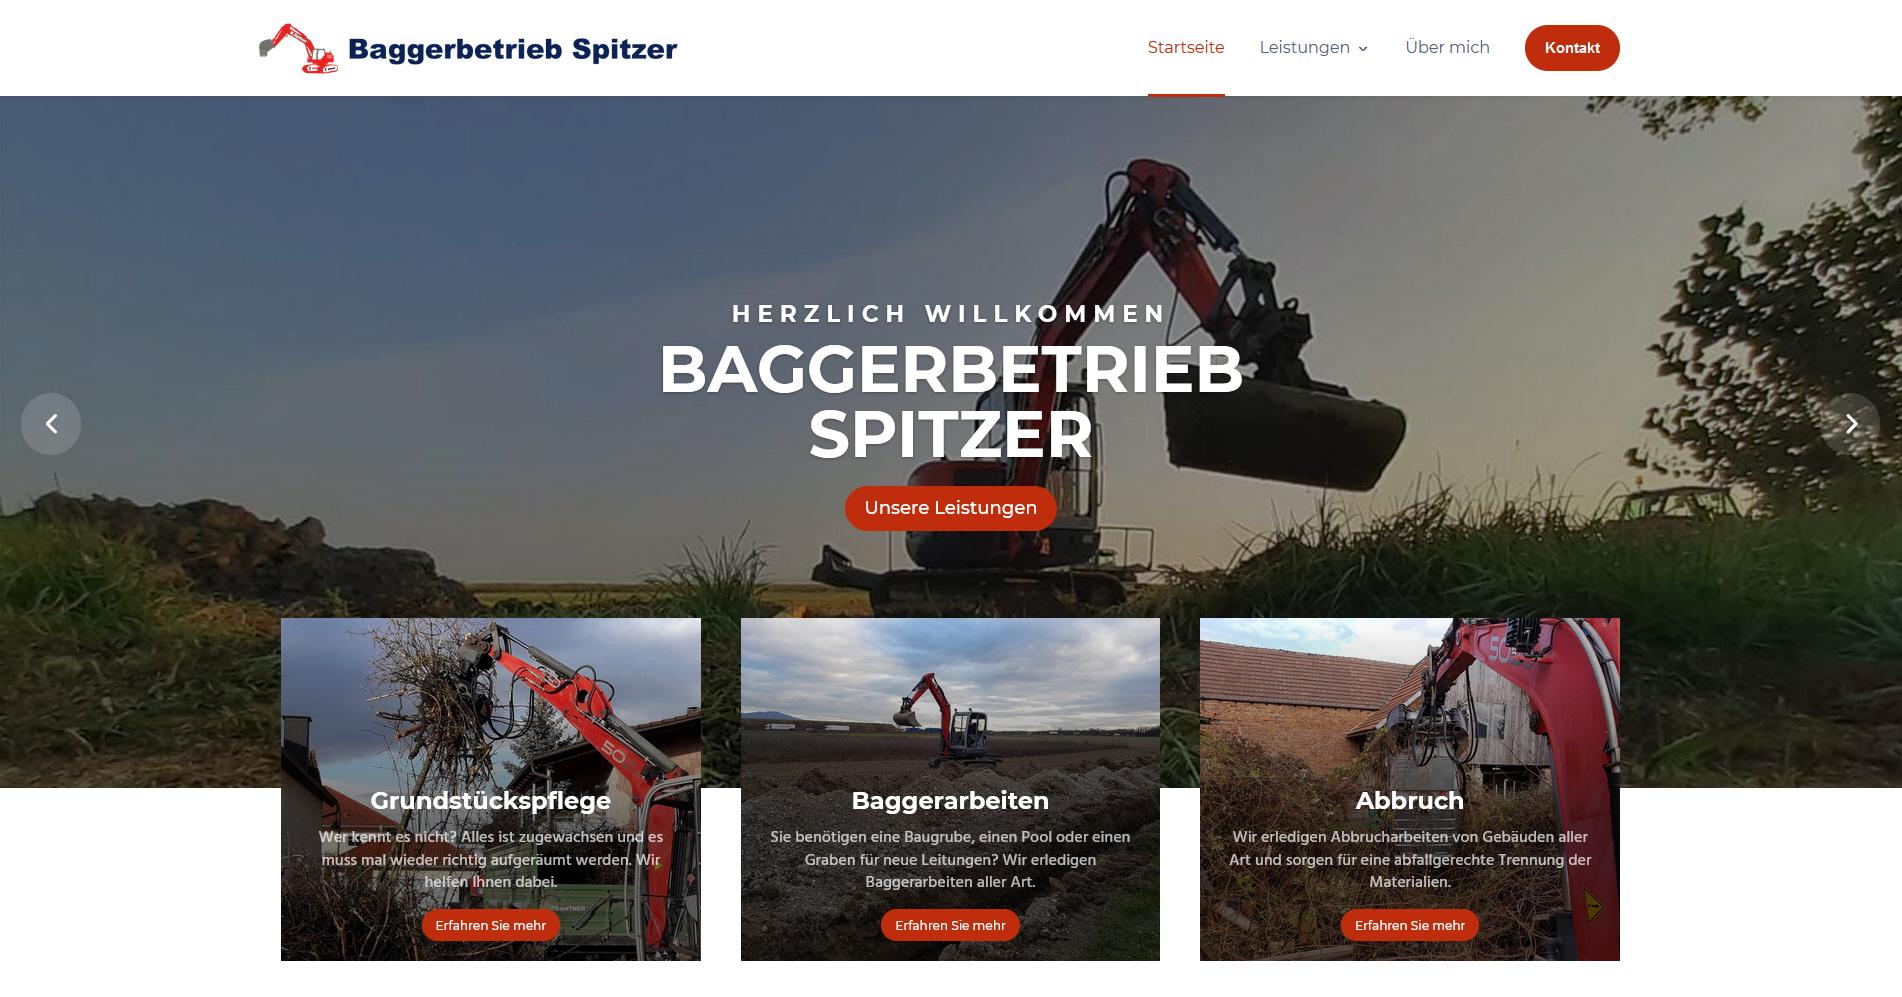 Webseite für den Baggerbetrieb Spitzer aus Hartheim